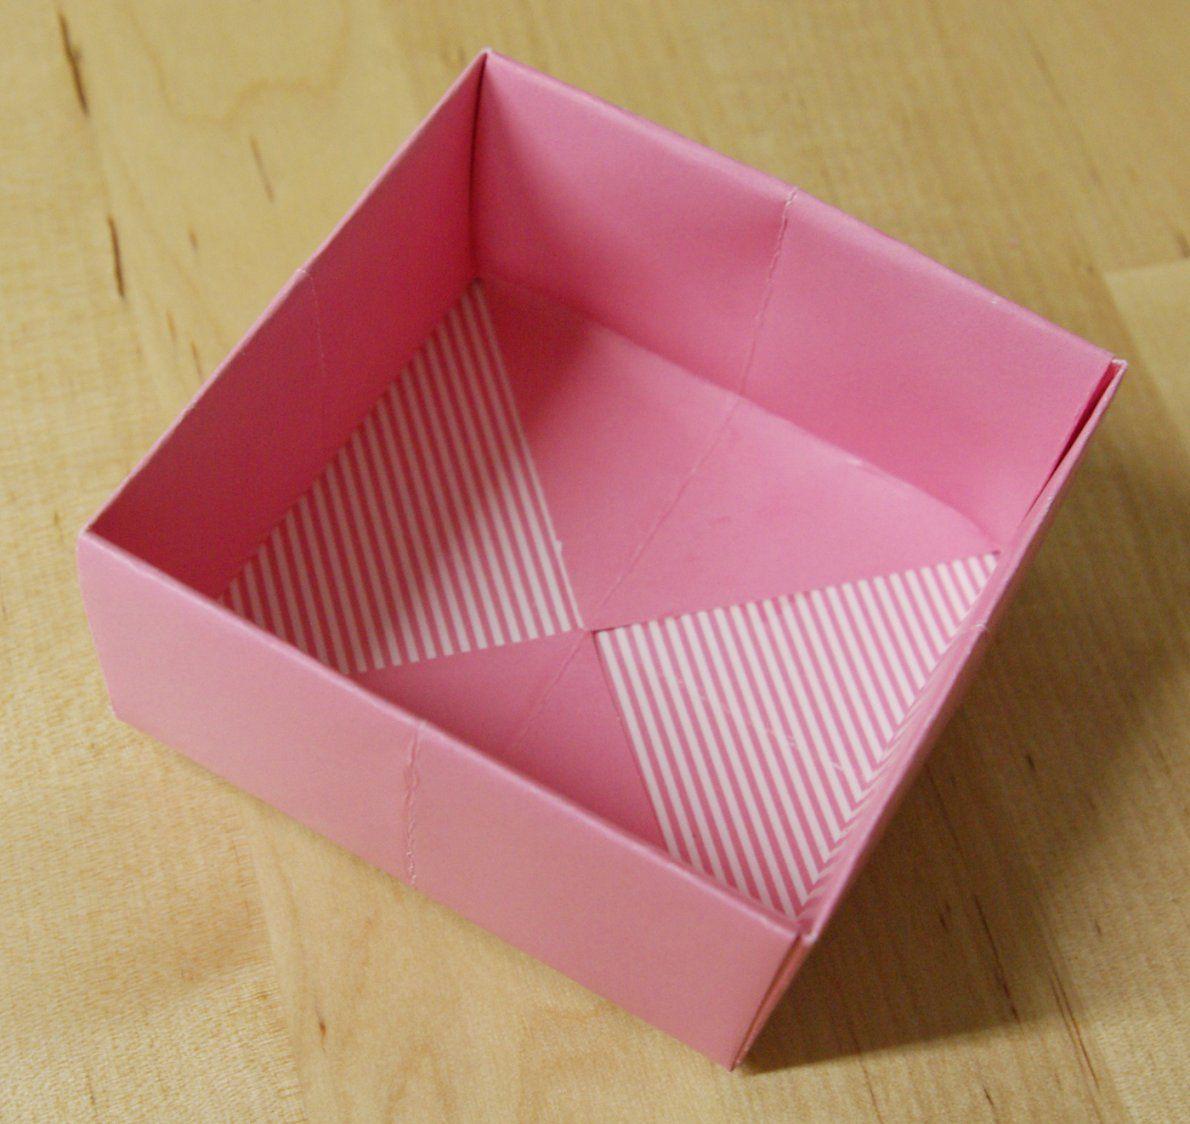 geschenkbox basteln pillow box f r geldgeschenke und kleinigkeiten von kleine schachteln selber. Black Bedroom Furniture Sets. Home Design Ideas